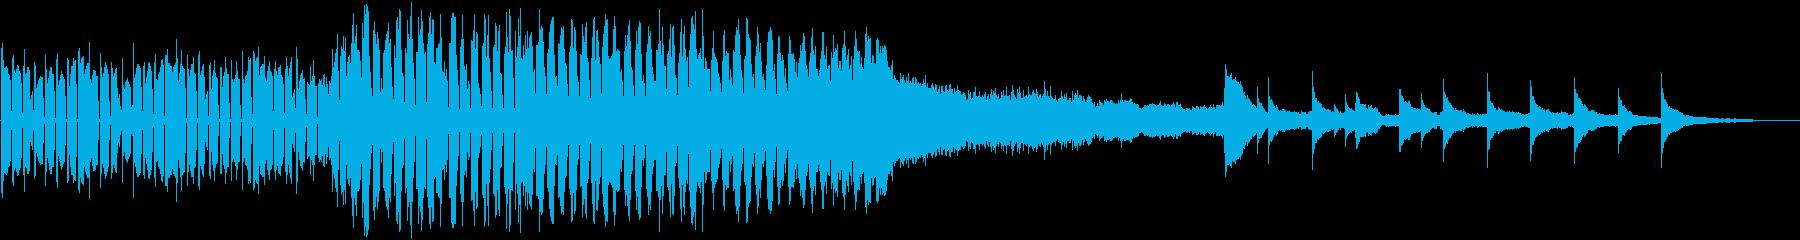 ダンス調からの再生済みの波形